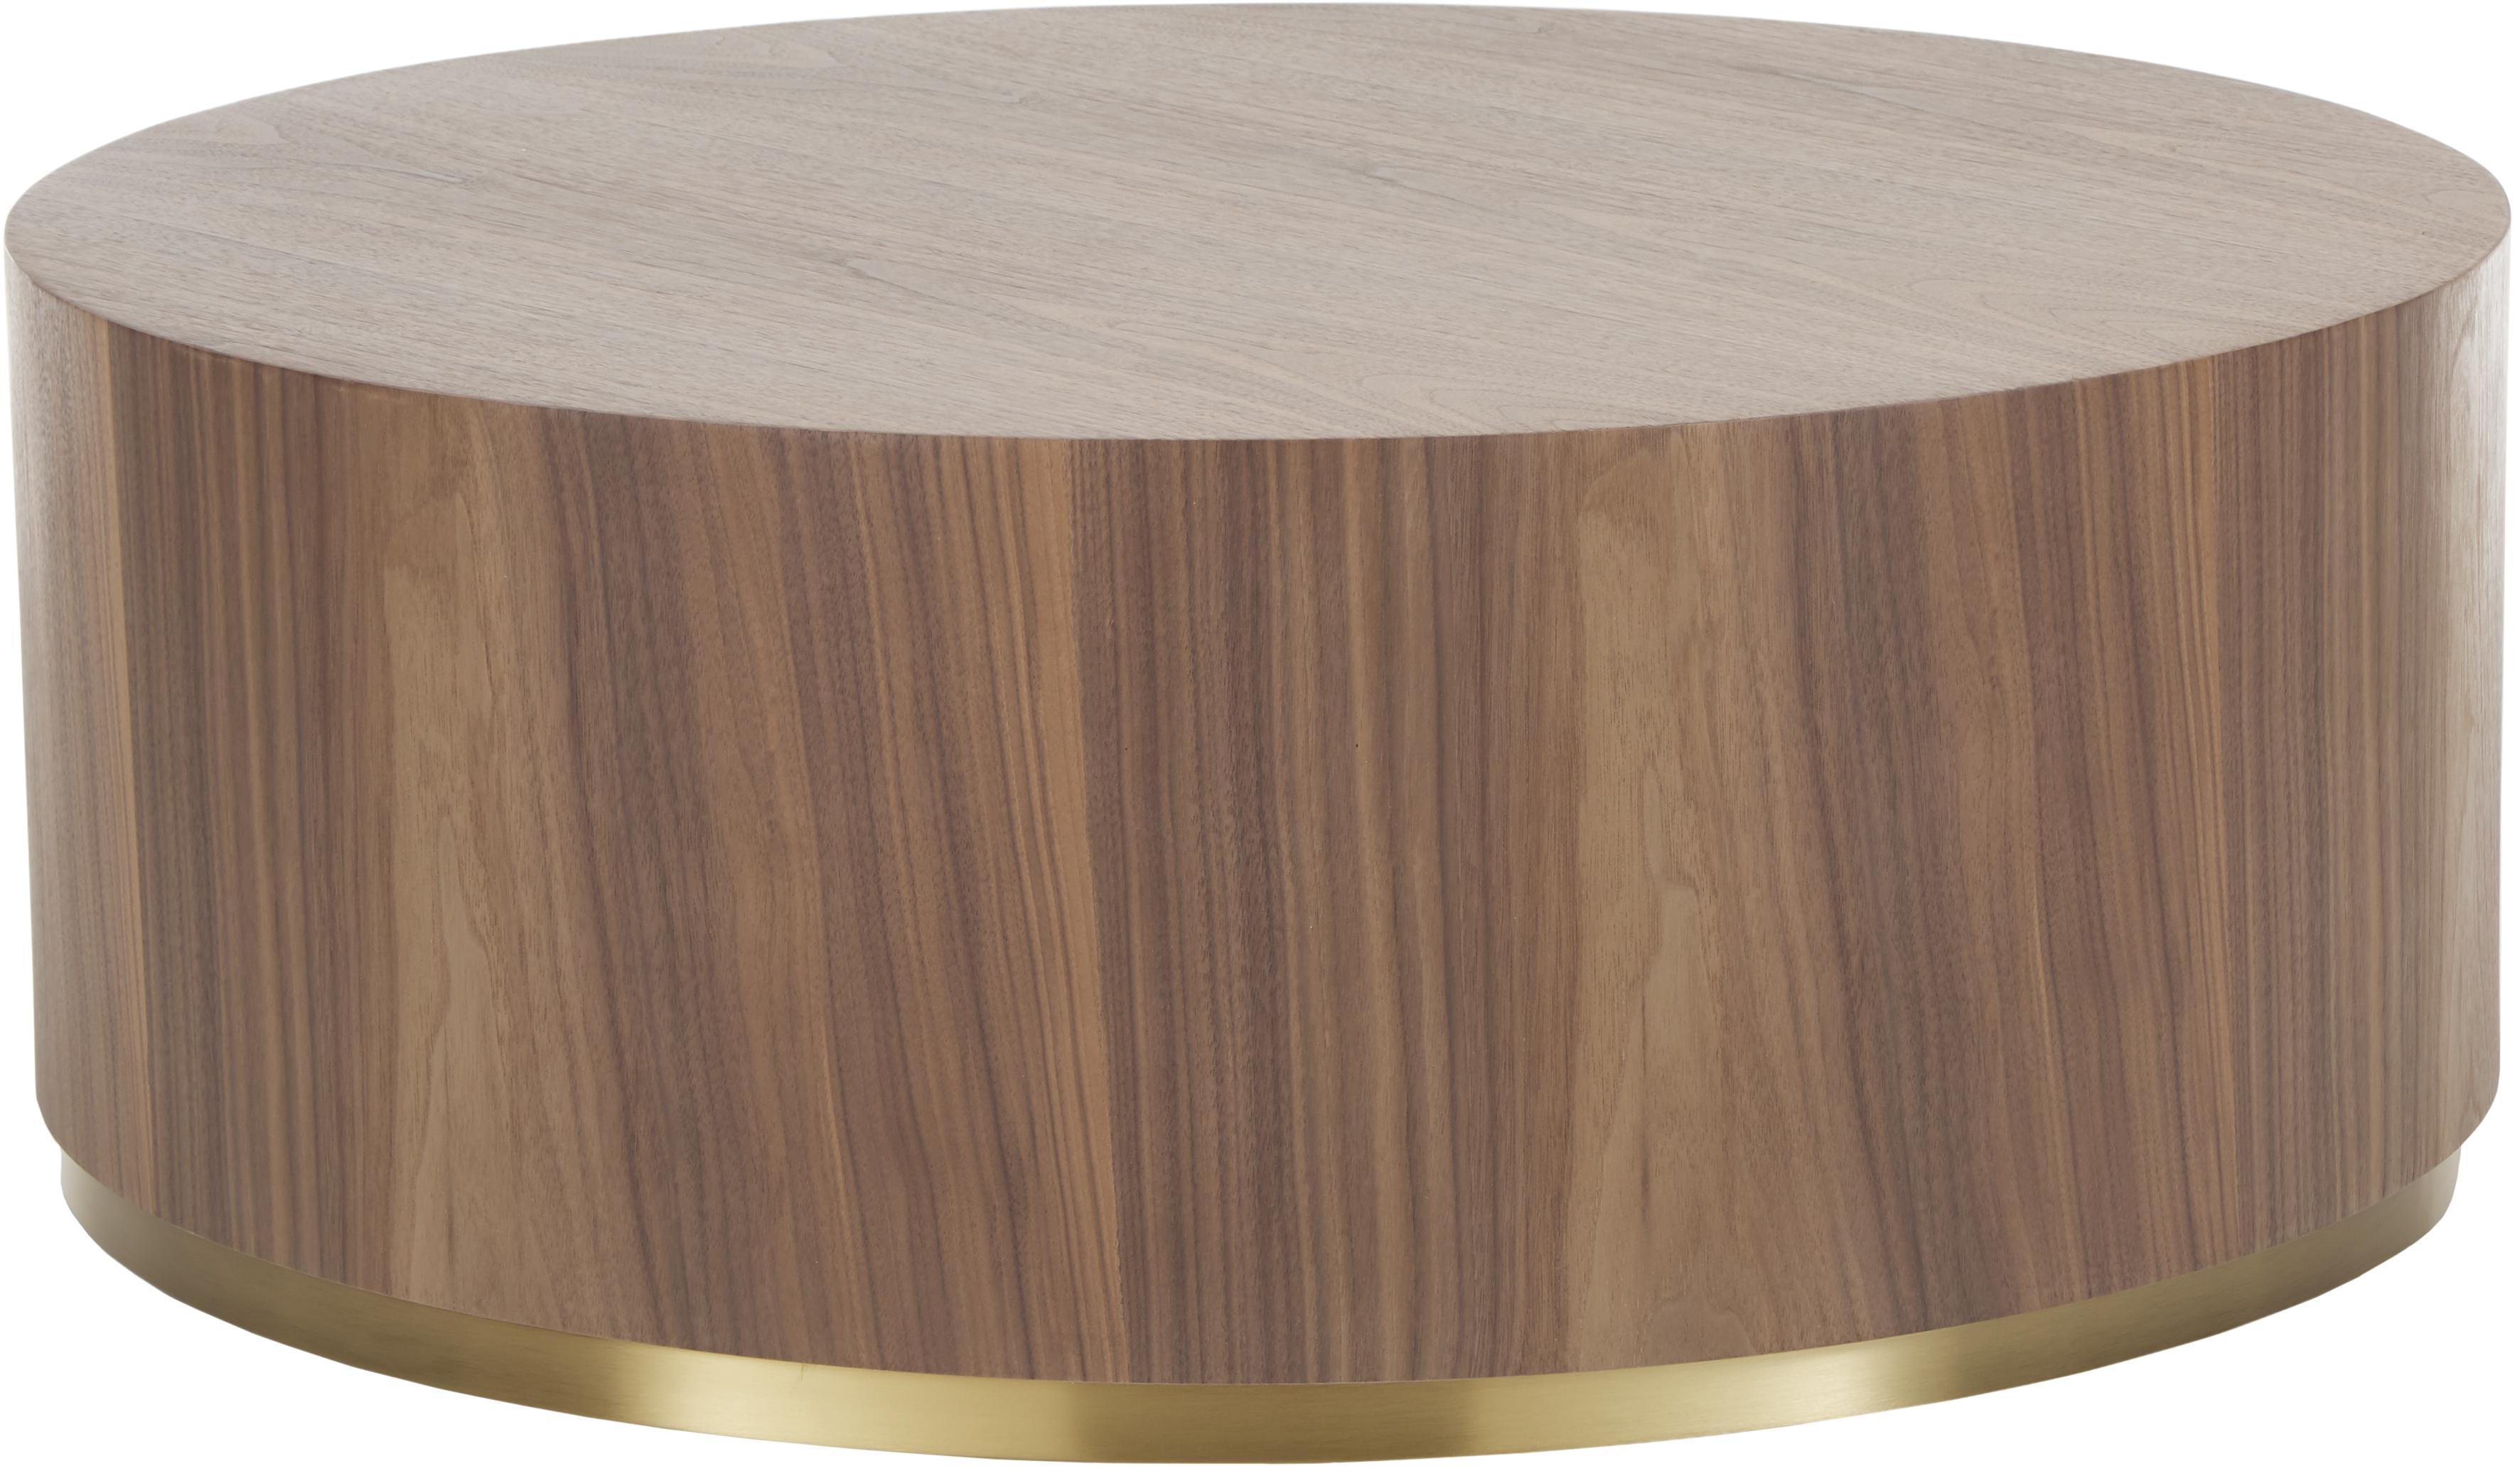 Tavolino da salotto rotondo Clarice, Corpo: impiallacciato di noce base: dorato lucido spazzolato, Ø 100 x Alt. 36 cm